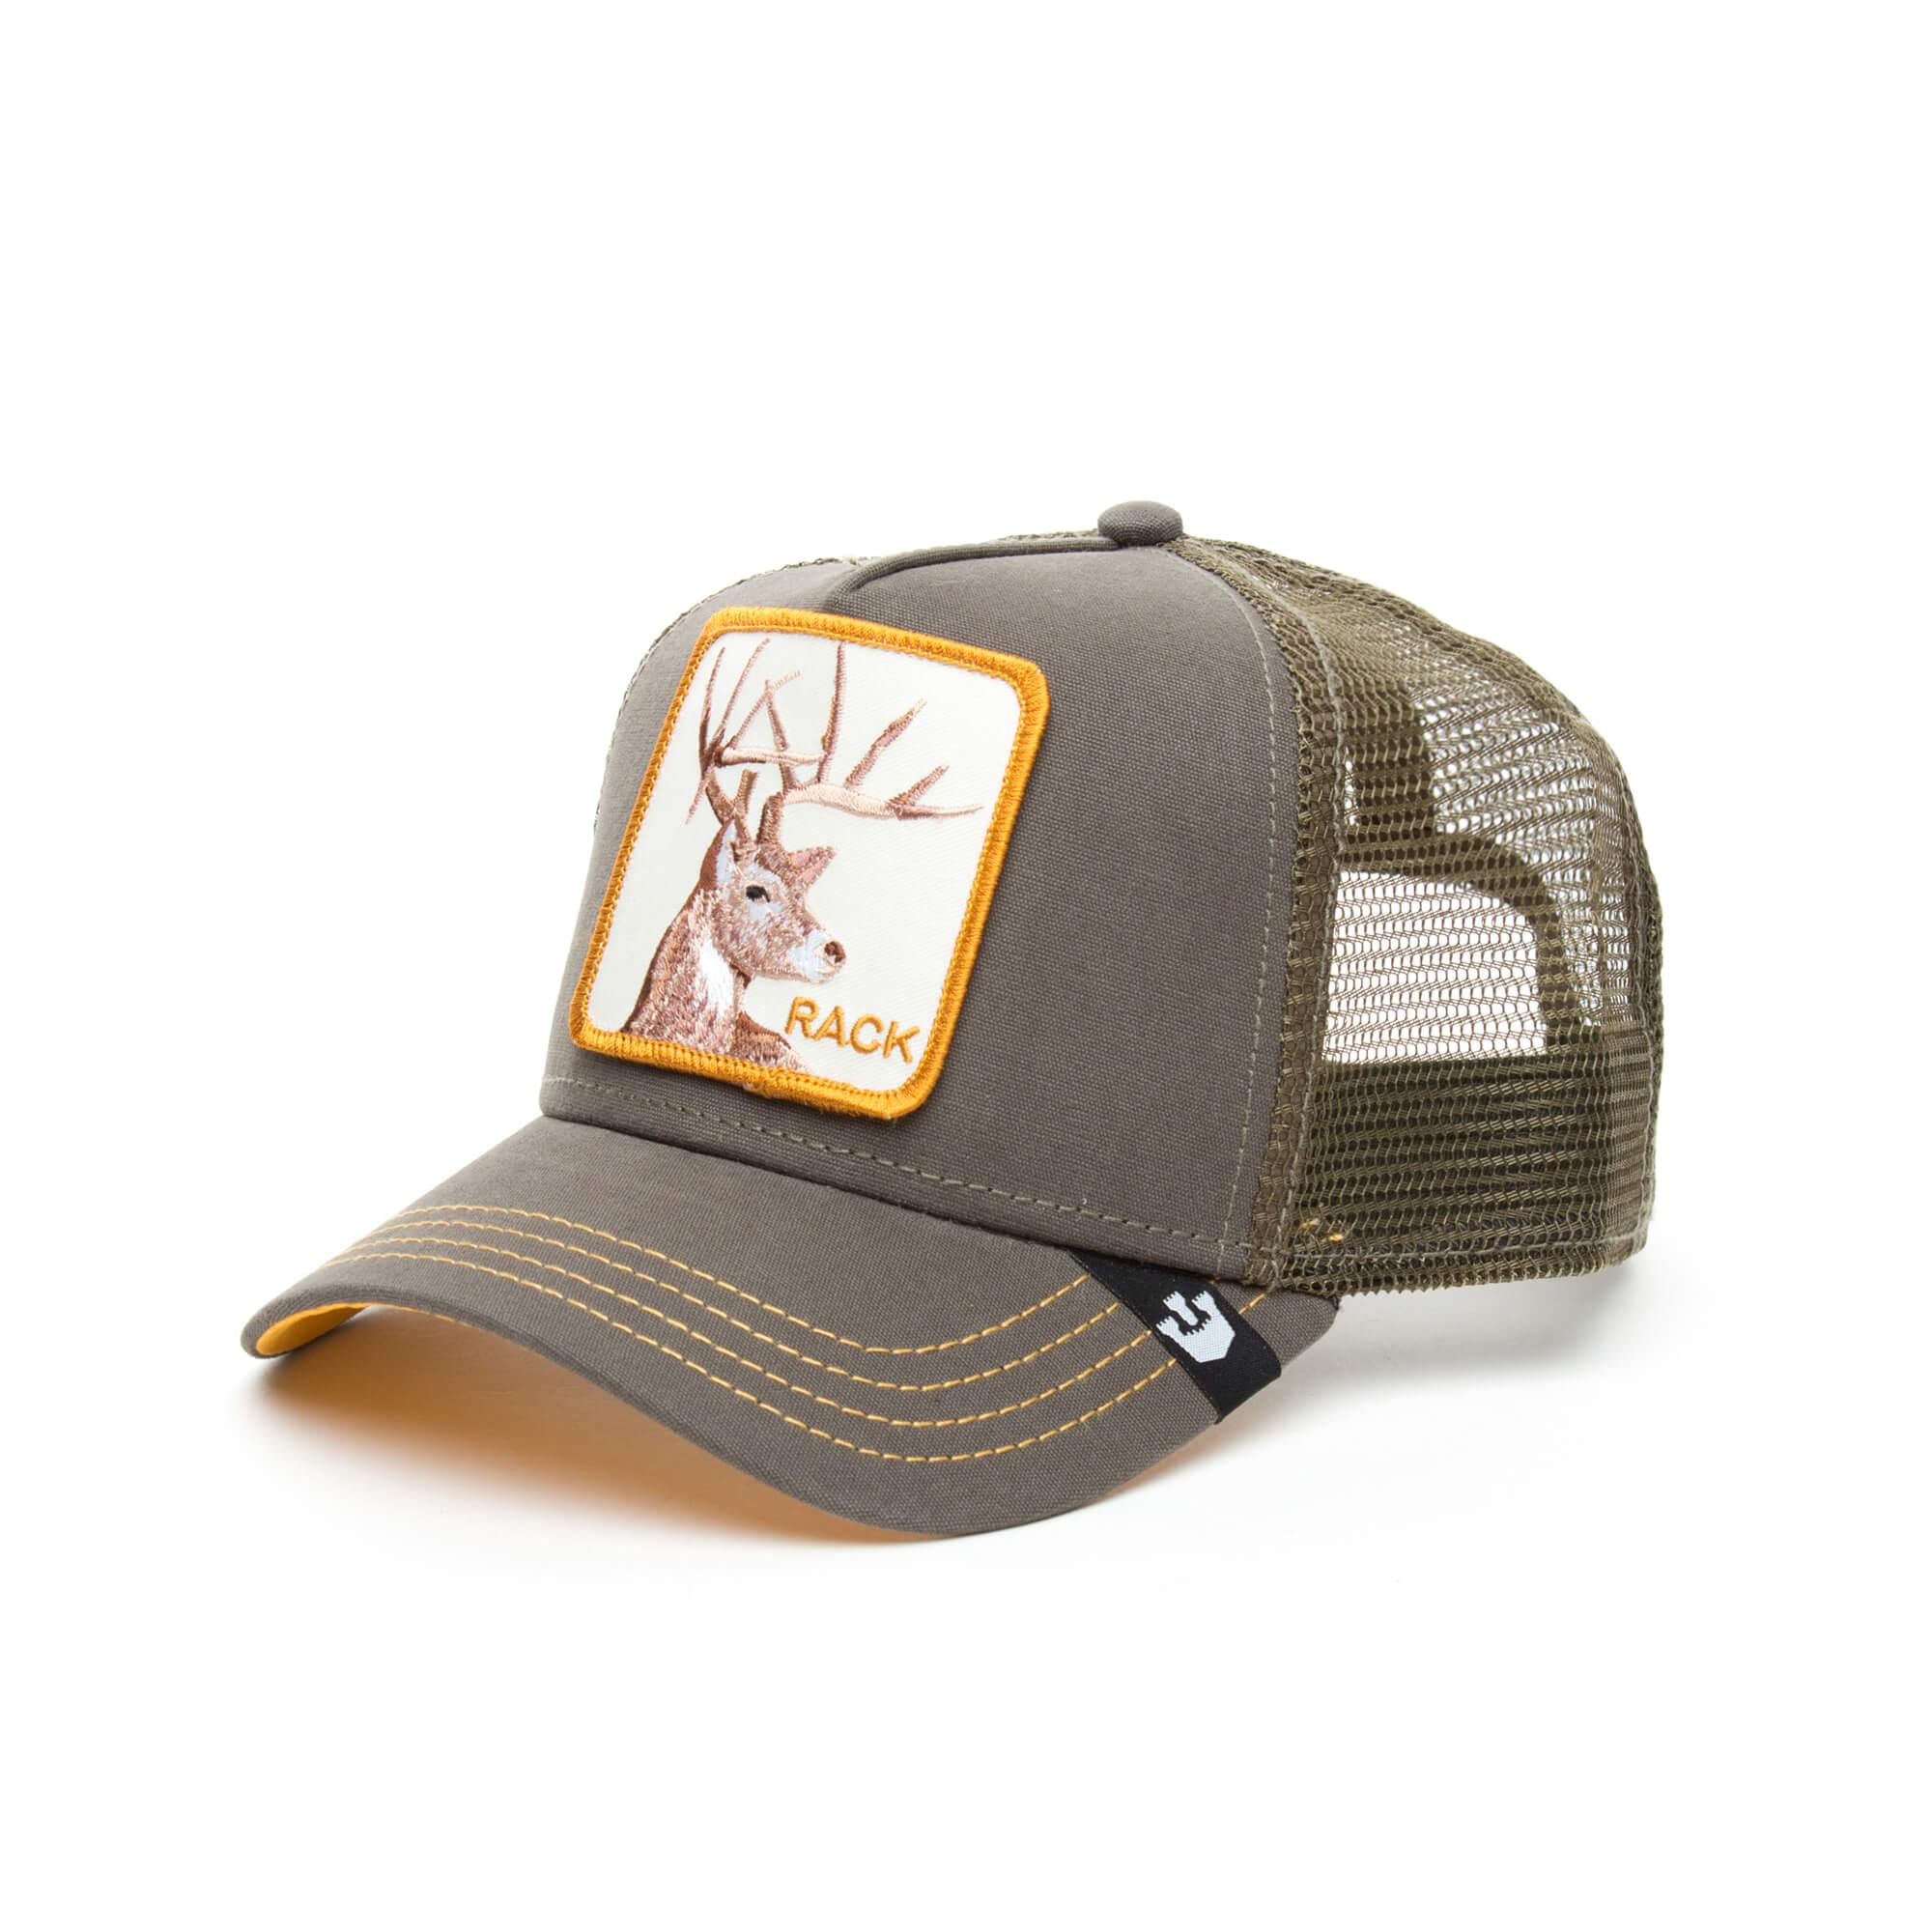 Goorin Bros Rack Unisex Yeşil Şapka